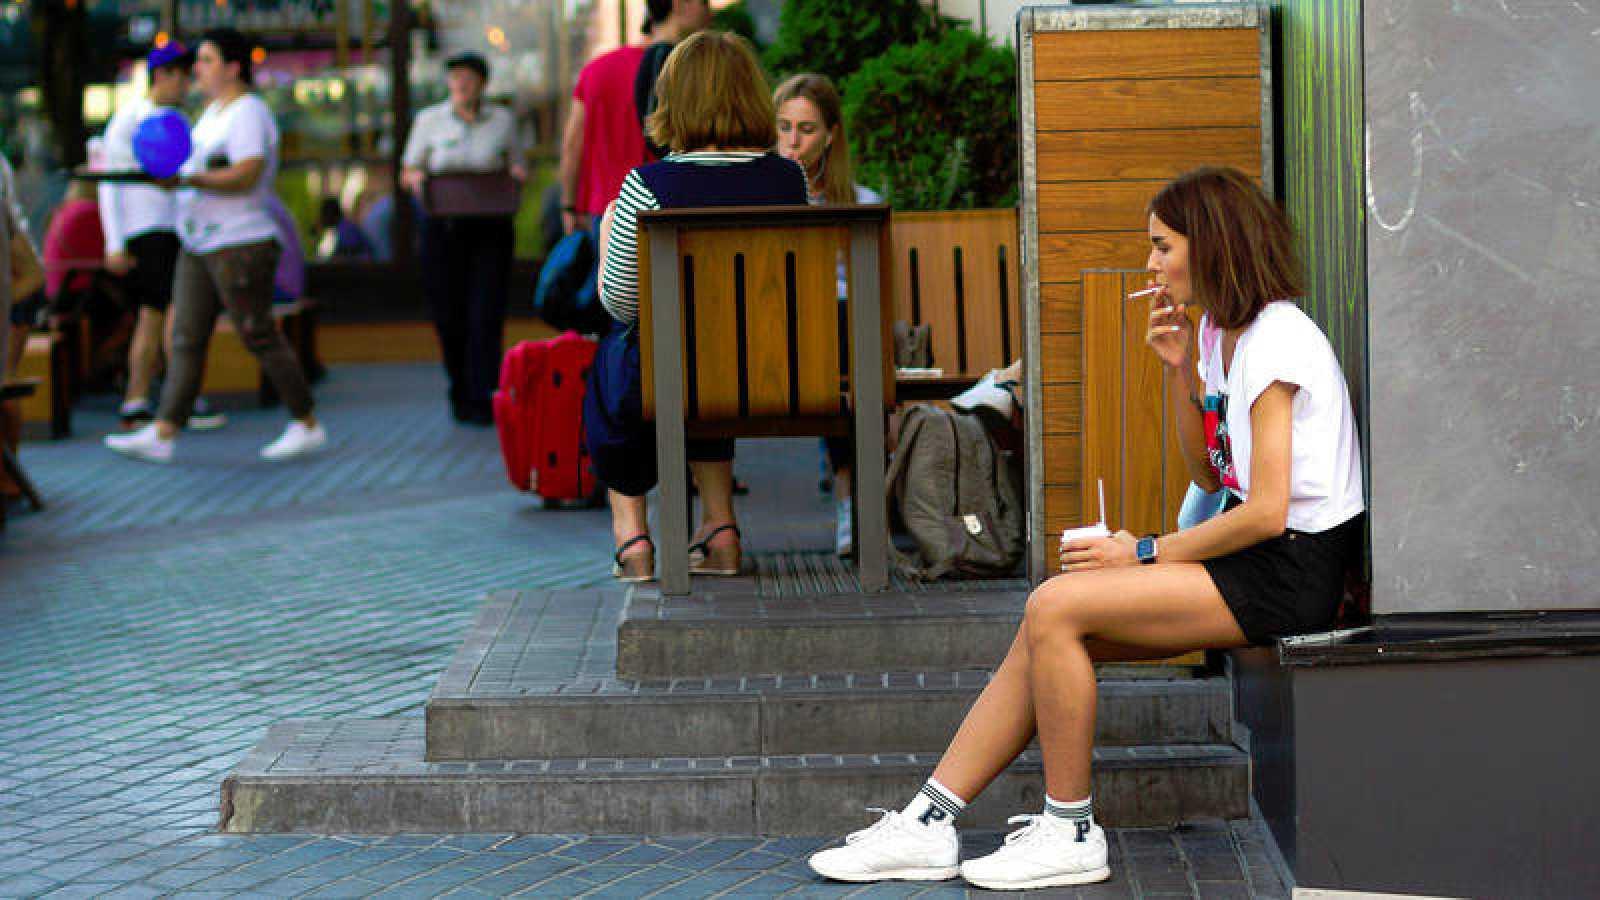 Empezar a fumar tabaco a una edad precoz aumenta el riesgo de muerte y de enfermedad cardiovascular a una edad más temprana.